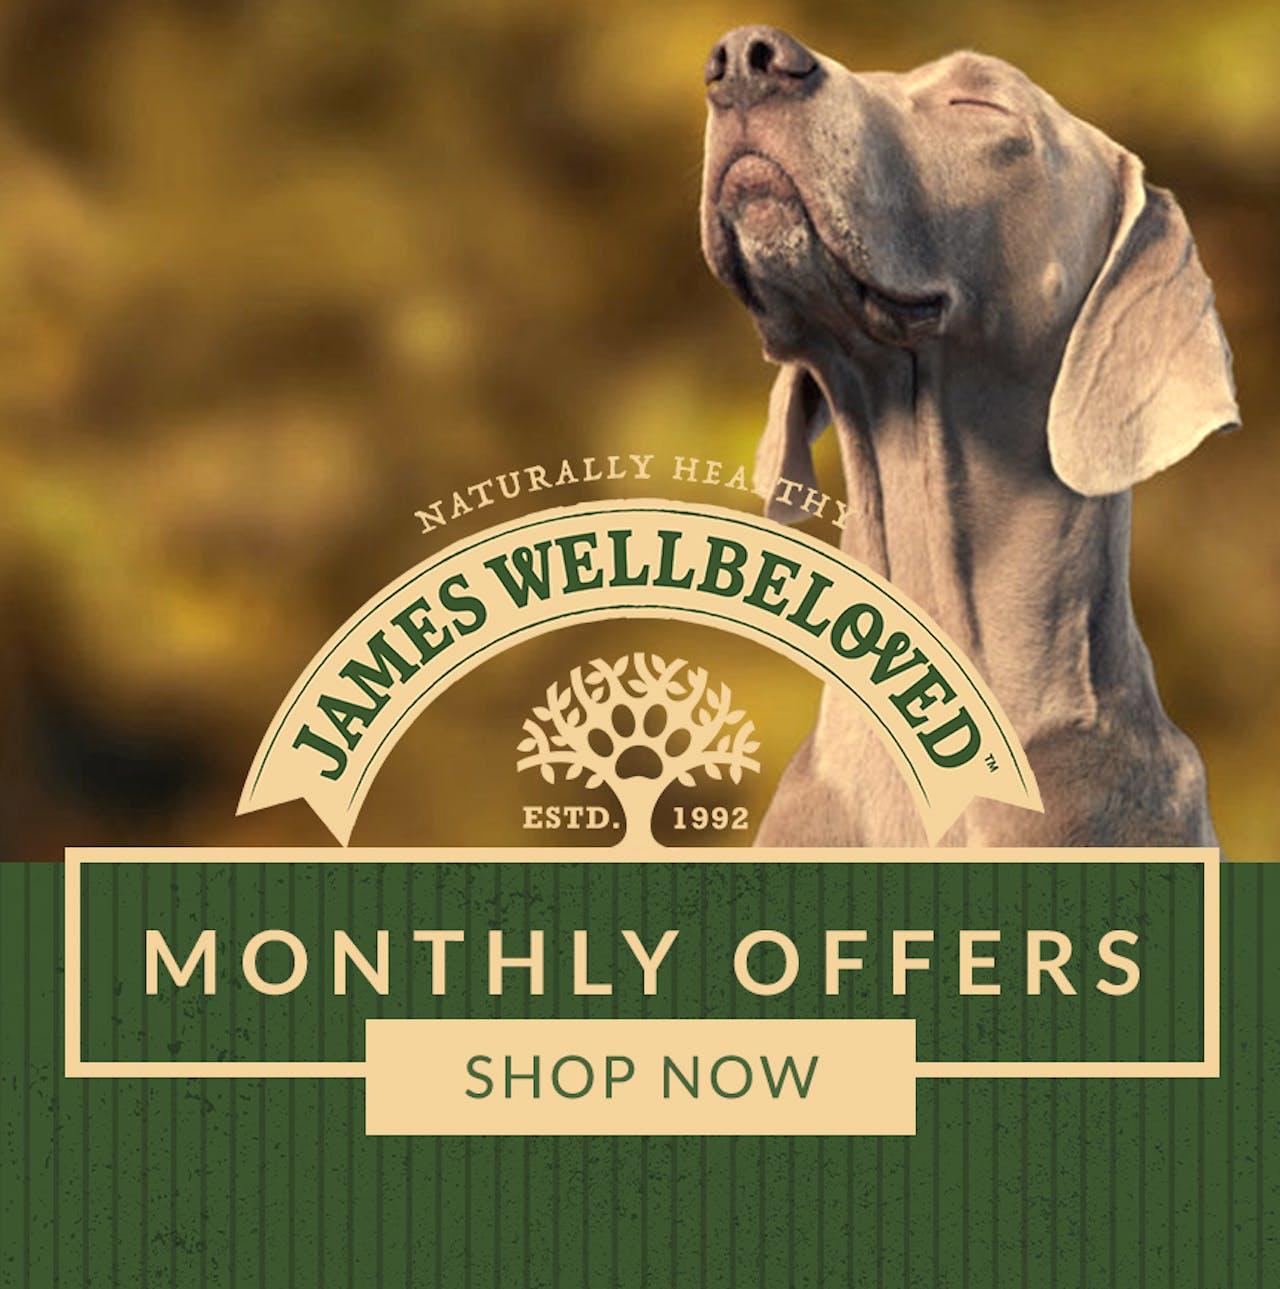 James Wellbeloved Dog Food banner